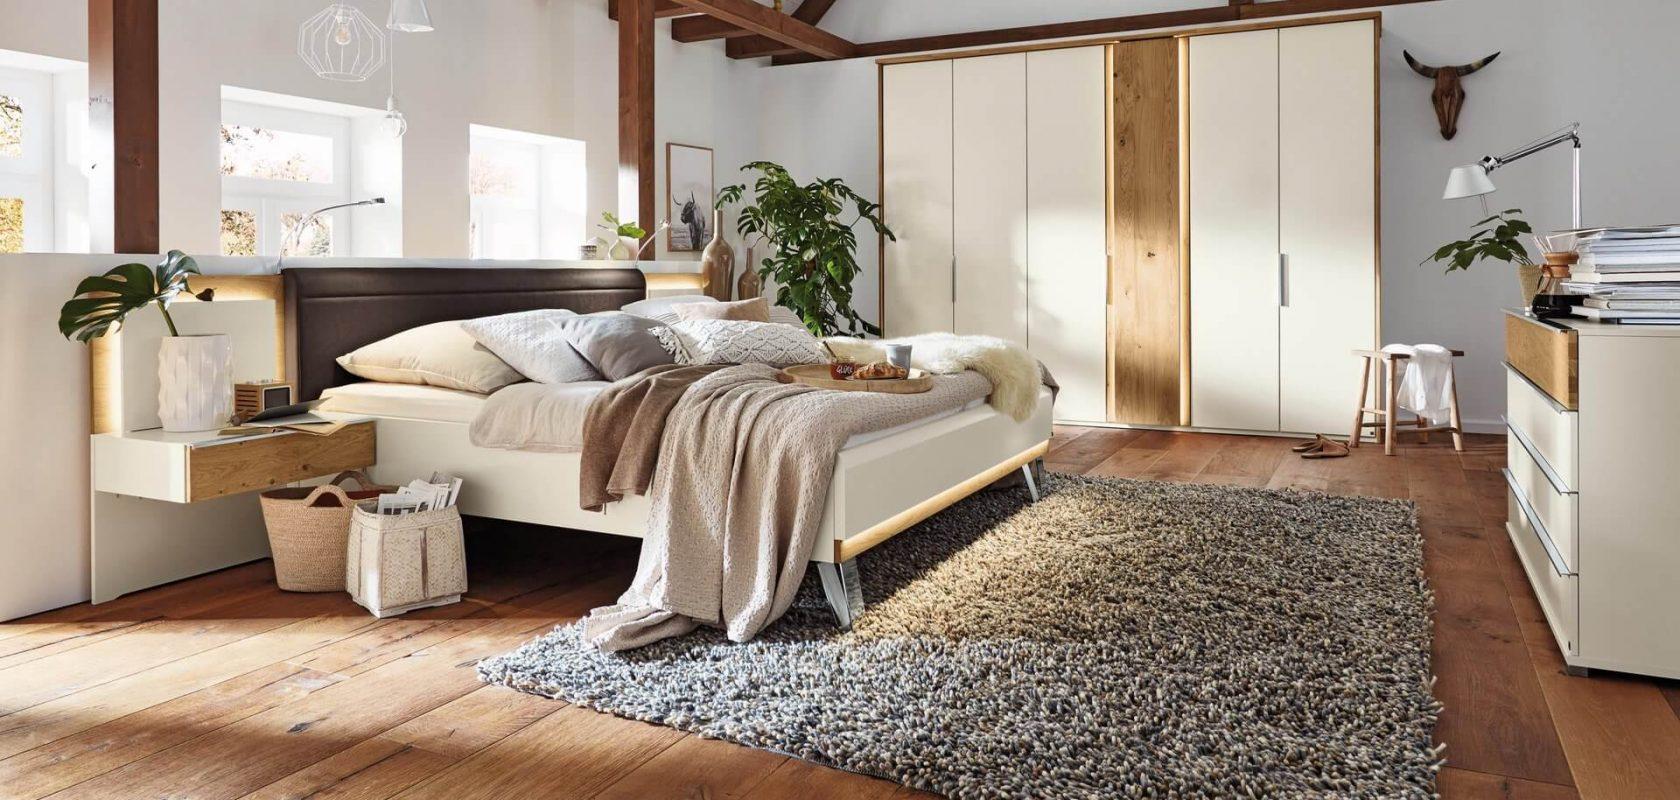 Schlafzimmer möbel wohncenter-min